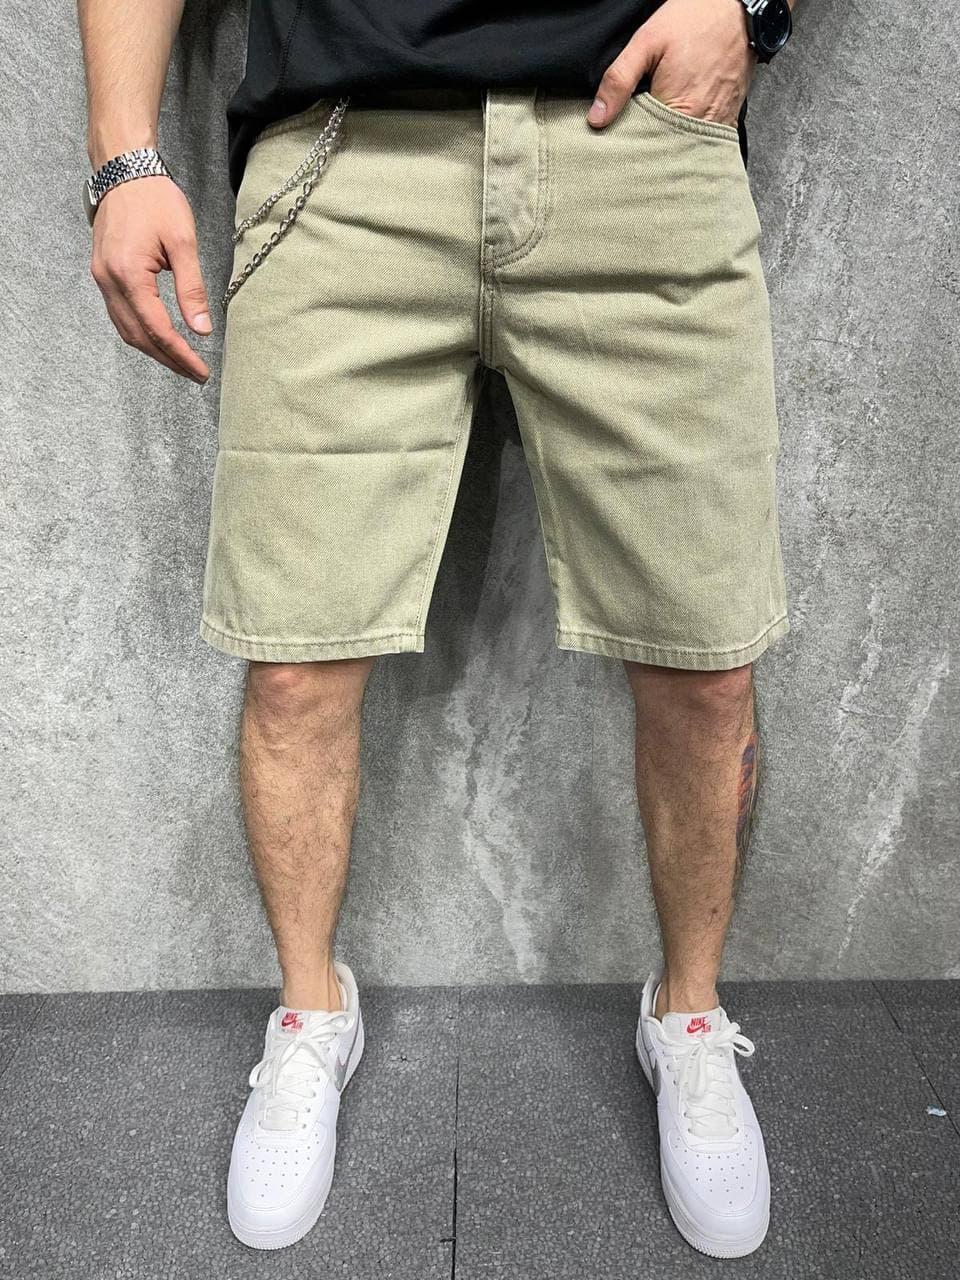 Чоловічі джинсові шорти кольору хакі